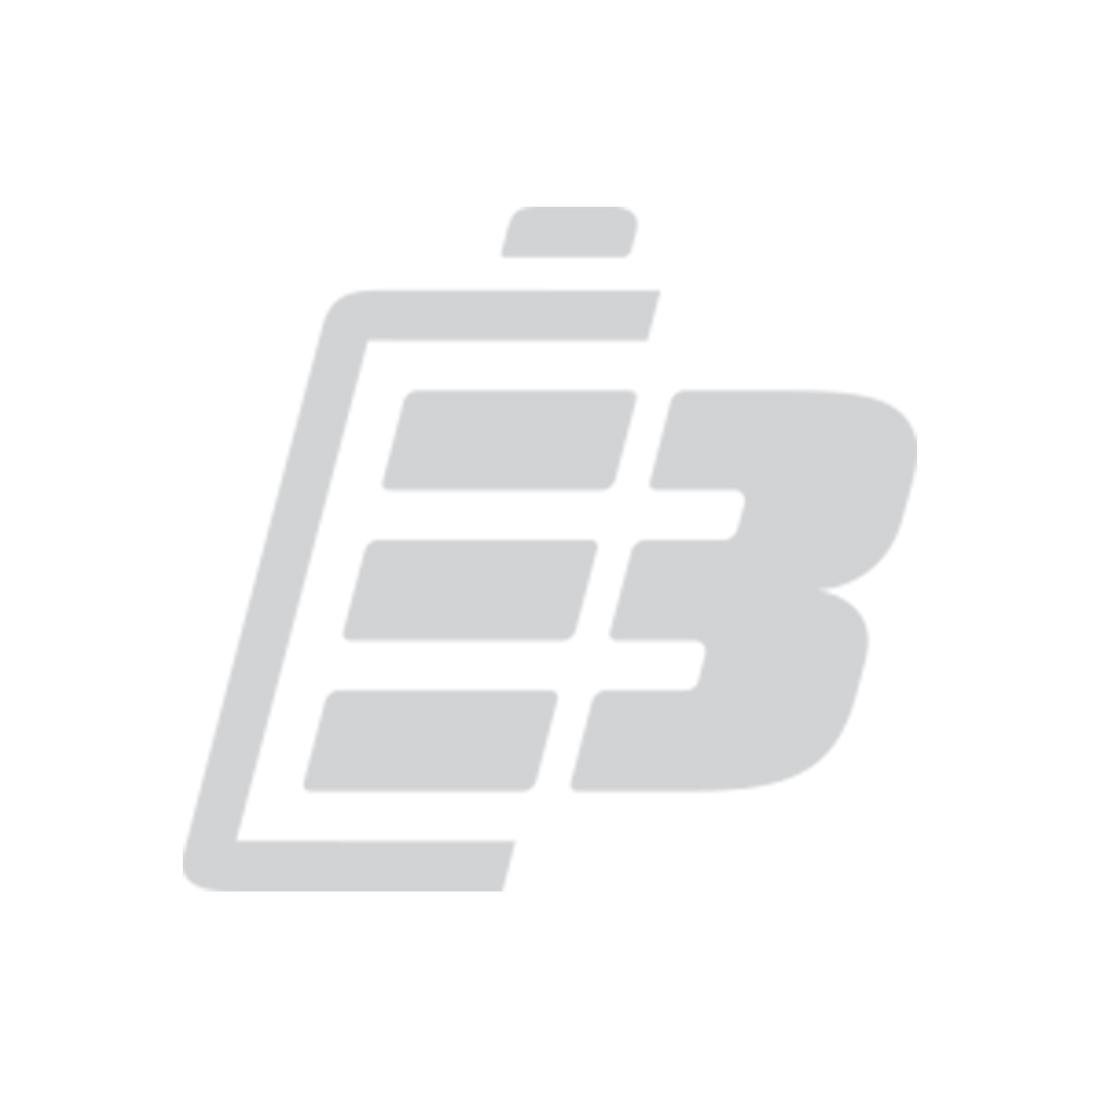 Μπαταρία ηλεκτρικού εργαλείου AEG 14.4V 3.0Ah_1